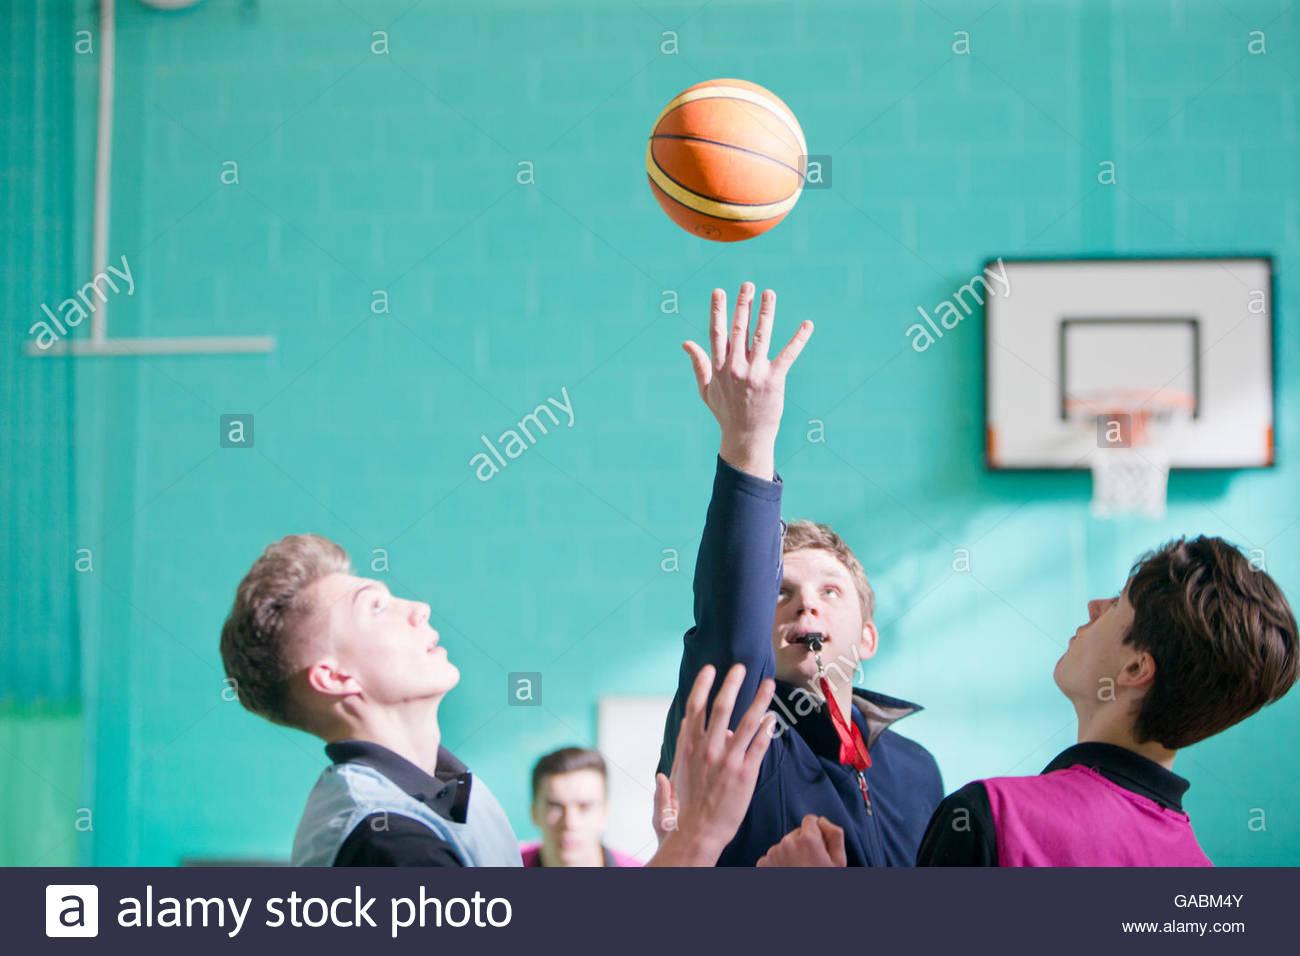 Palestra insegnante a partire high school gioco di basket con tip off Immagini Stock